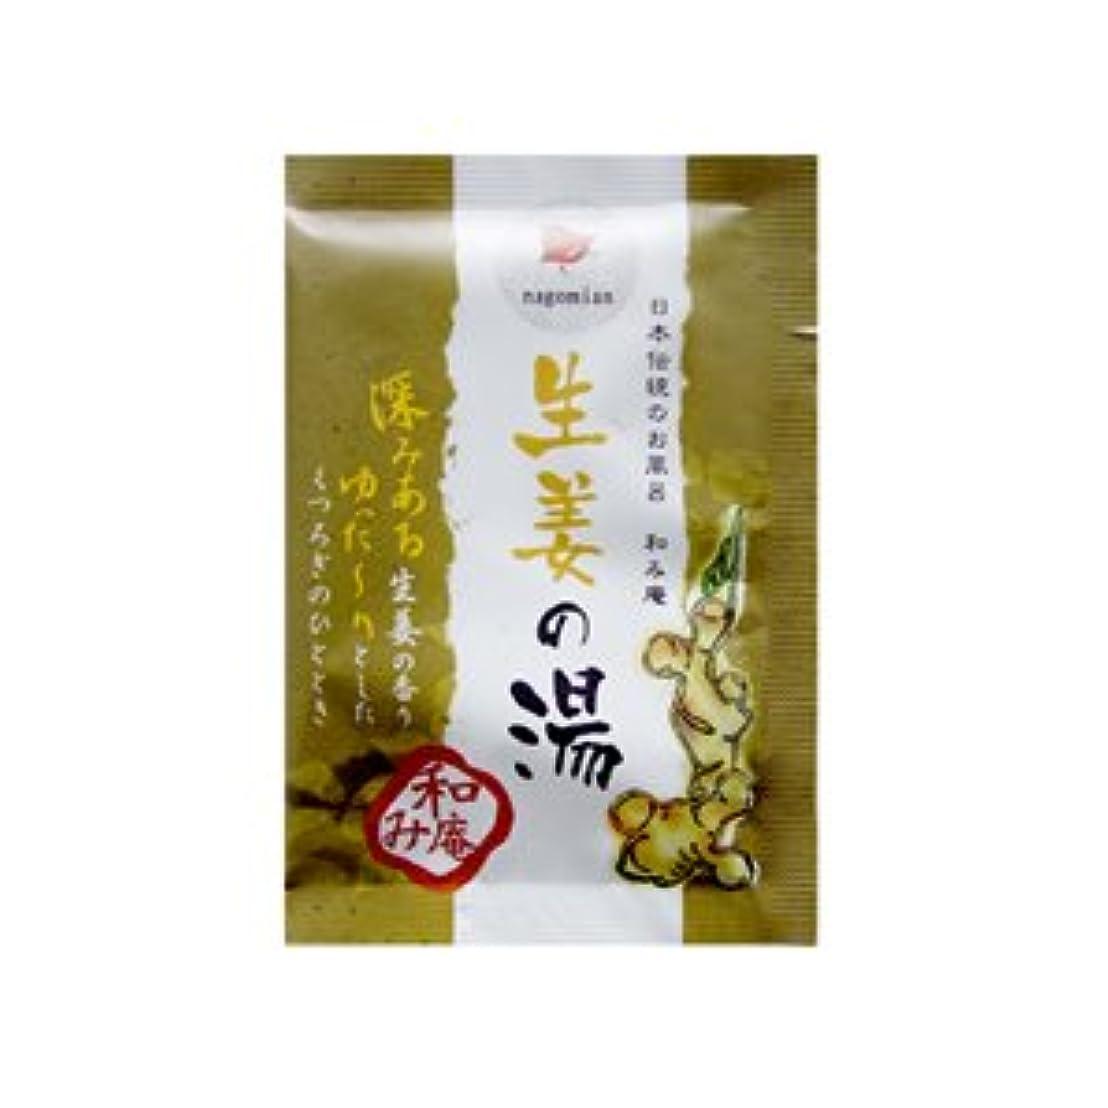 布偏差不格好日本伝統のお風呂 和み庵 生姜の湯 25g 10個セット